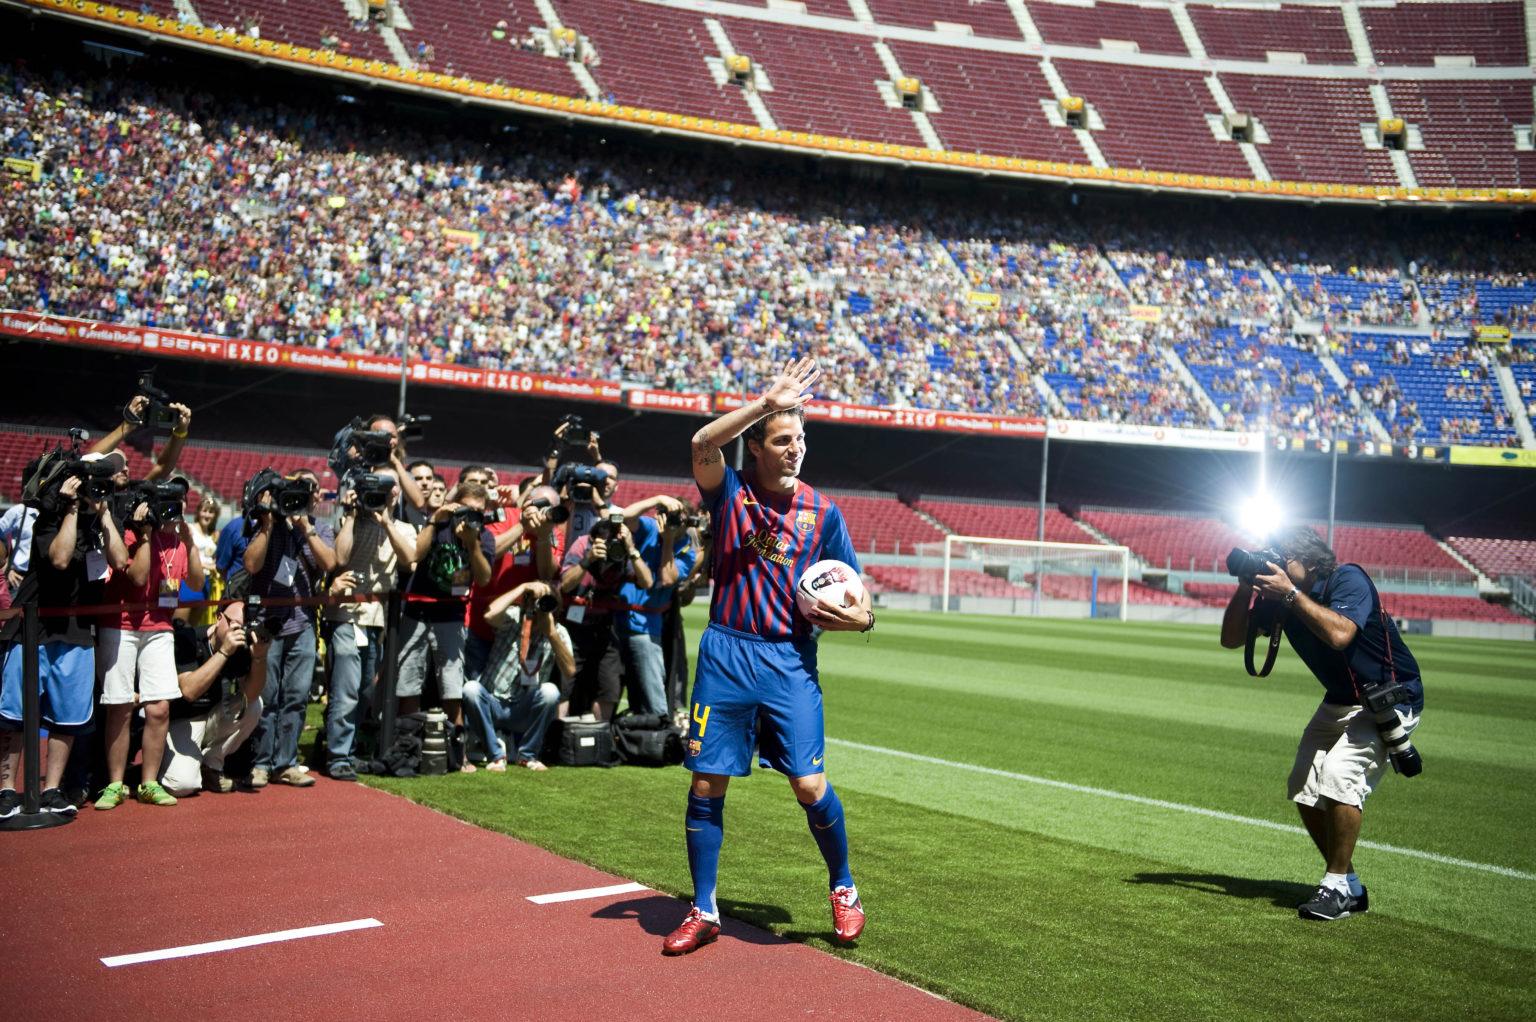 Fabregas mặc áo số 4 trong ngày tái ngộ Camp Nou, đúng theo lời chúc của cựu số 4 Pep Guardiola